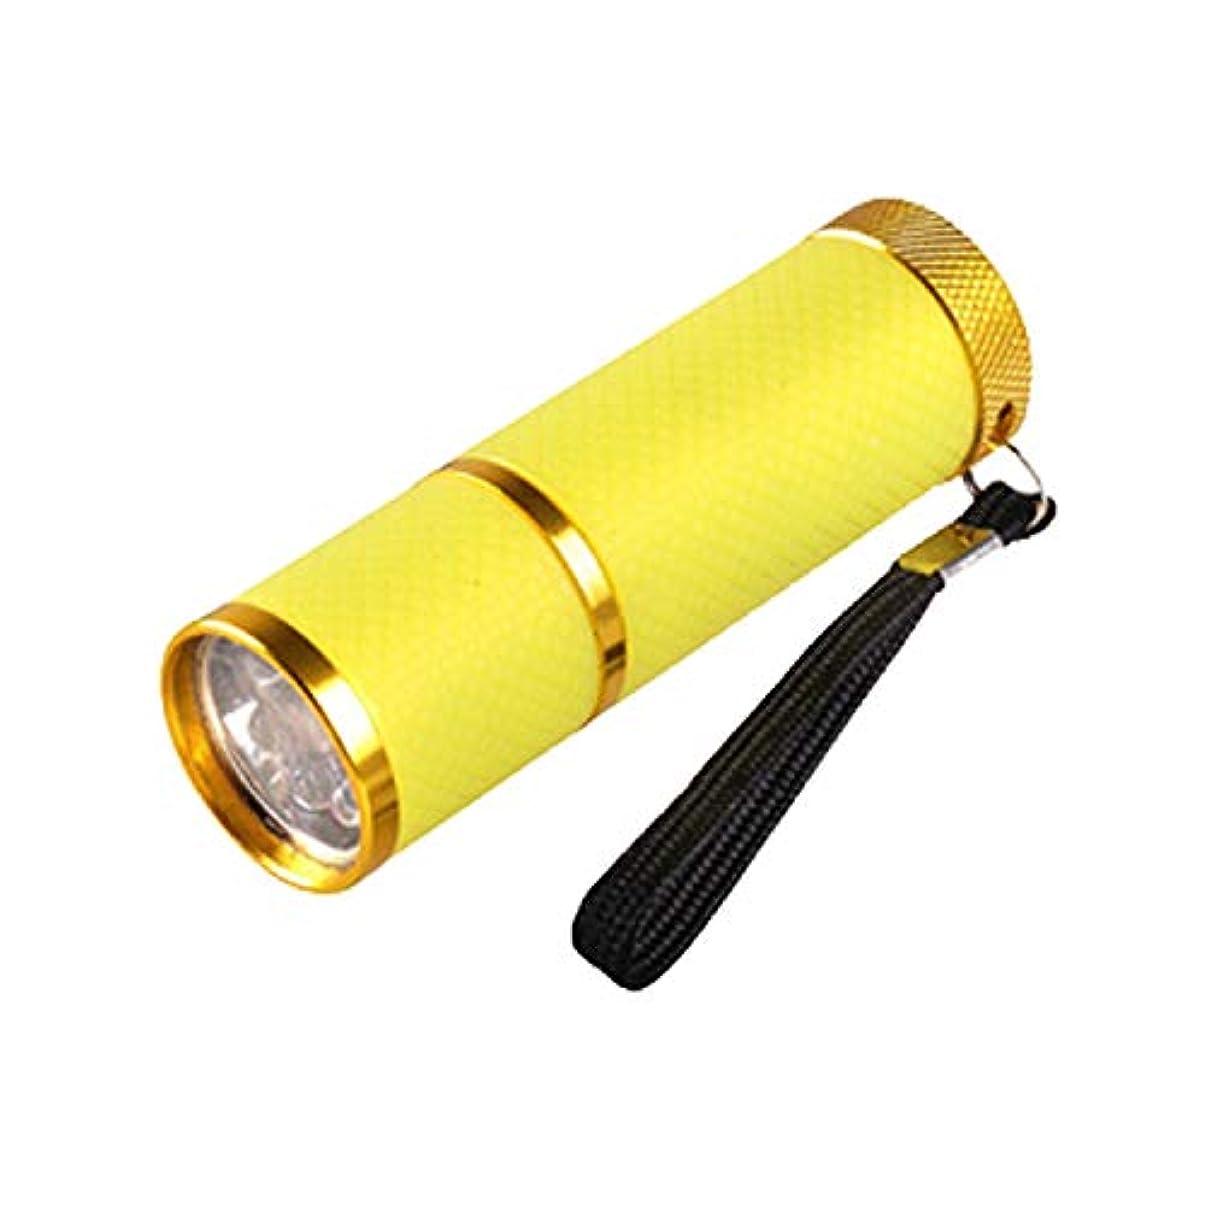 計り知れない低いキュービックネイル?レジンクラフト LED UVライト イエロー BY-NL550 ネコポス発送 送料無料